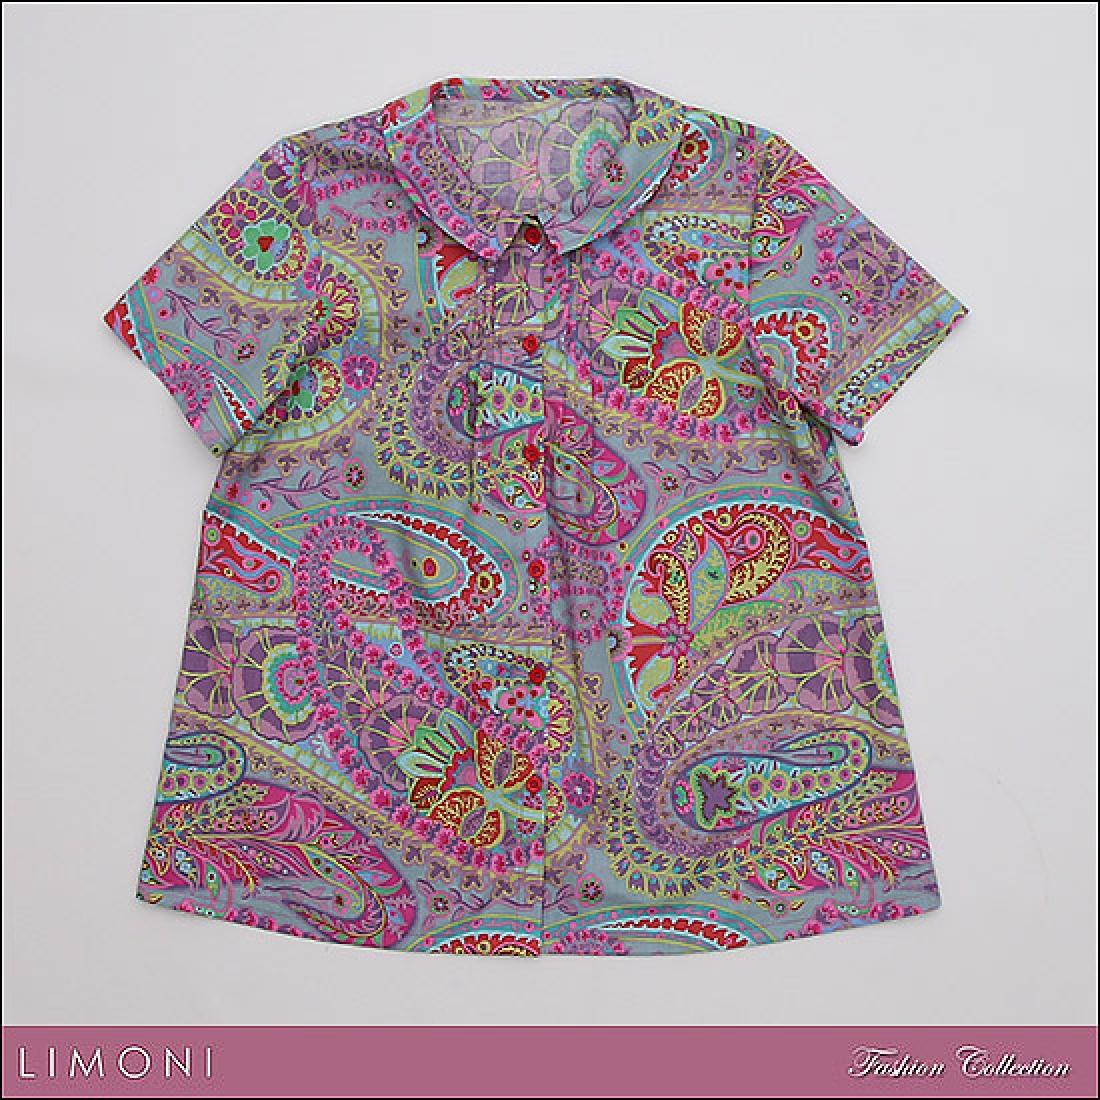 Сбор заказов.Лимони-самая яркая и стильная одежда для ваших деток.Распродажа 50%!Галерея новой коллекции.Без рядов.16